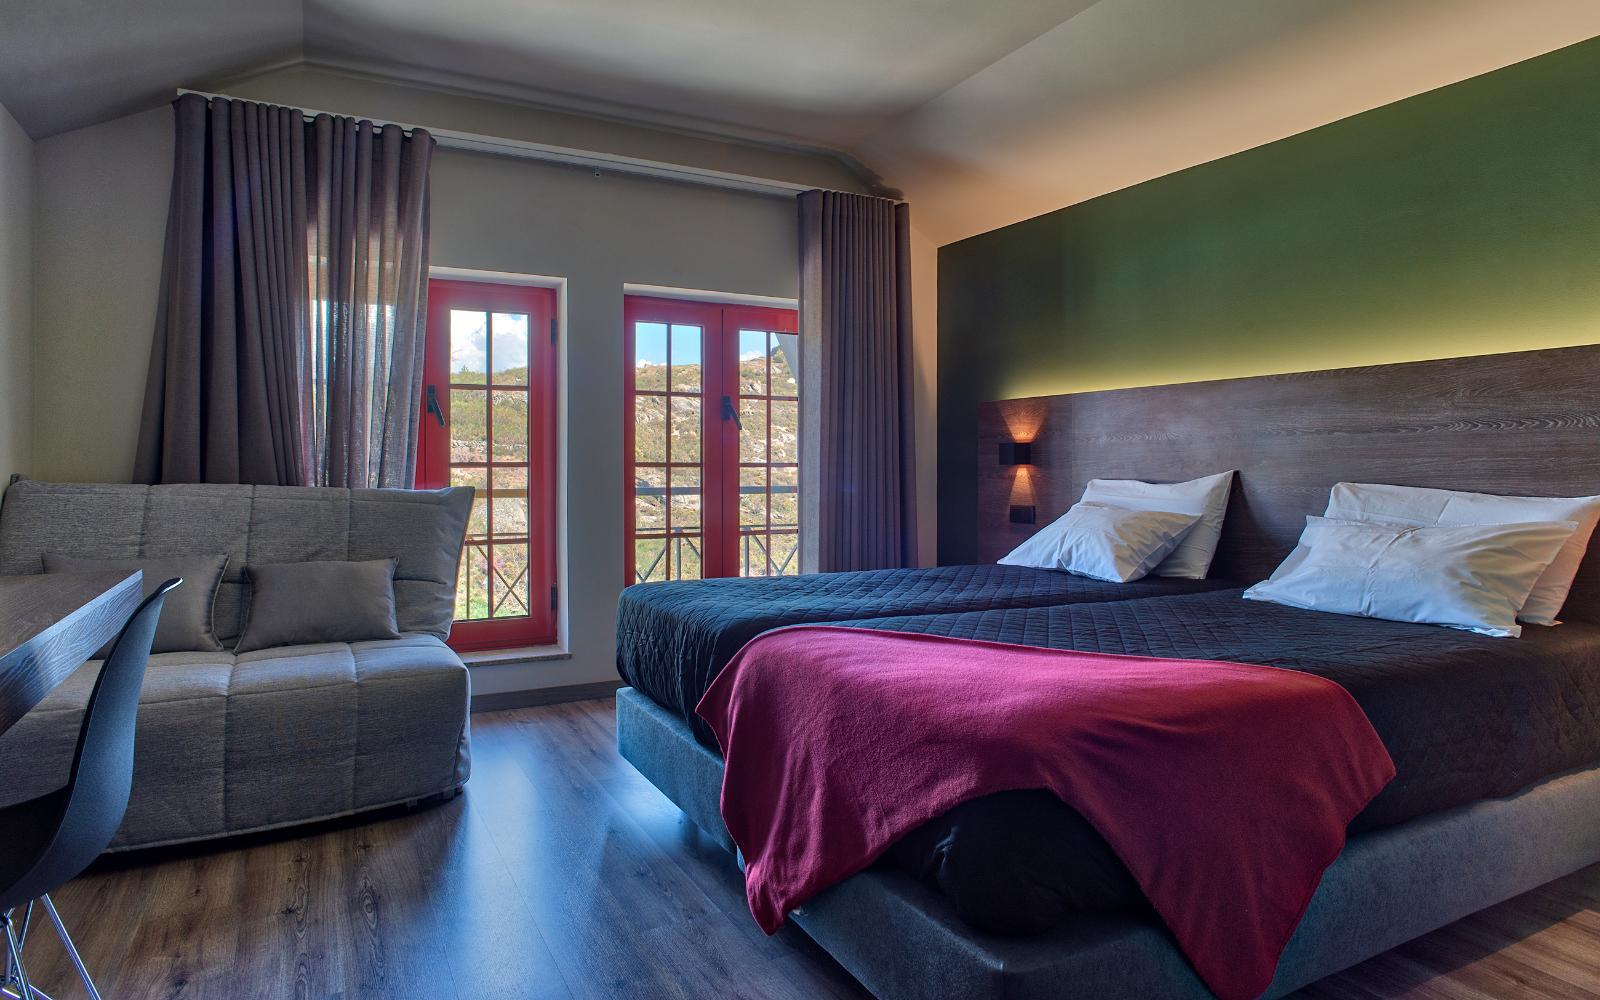 hotel-miradouro-do-castelo 3312